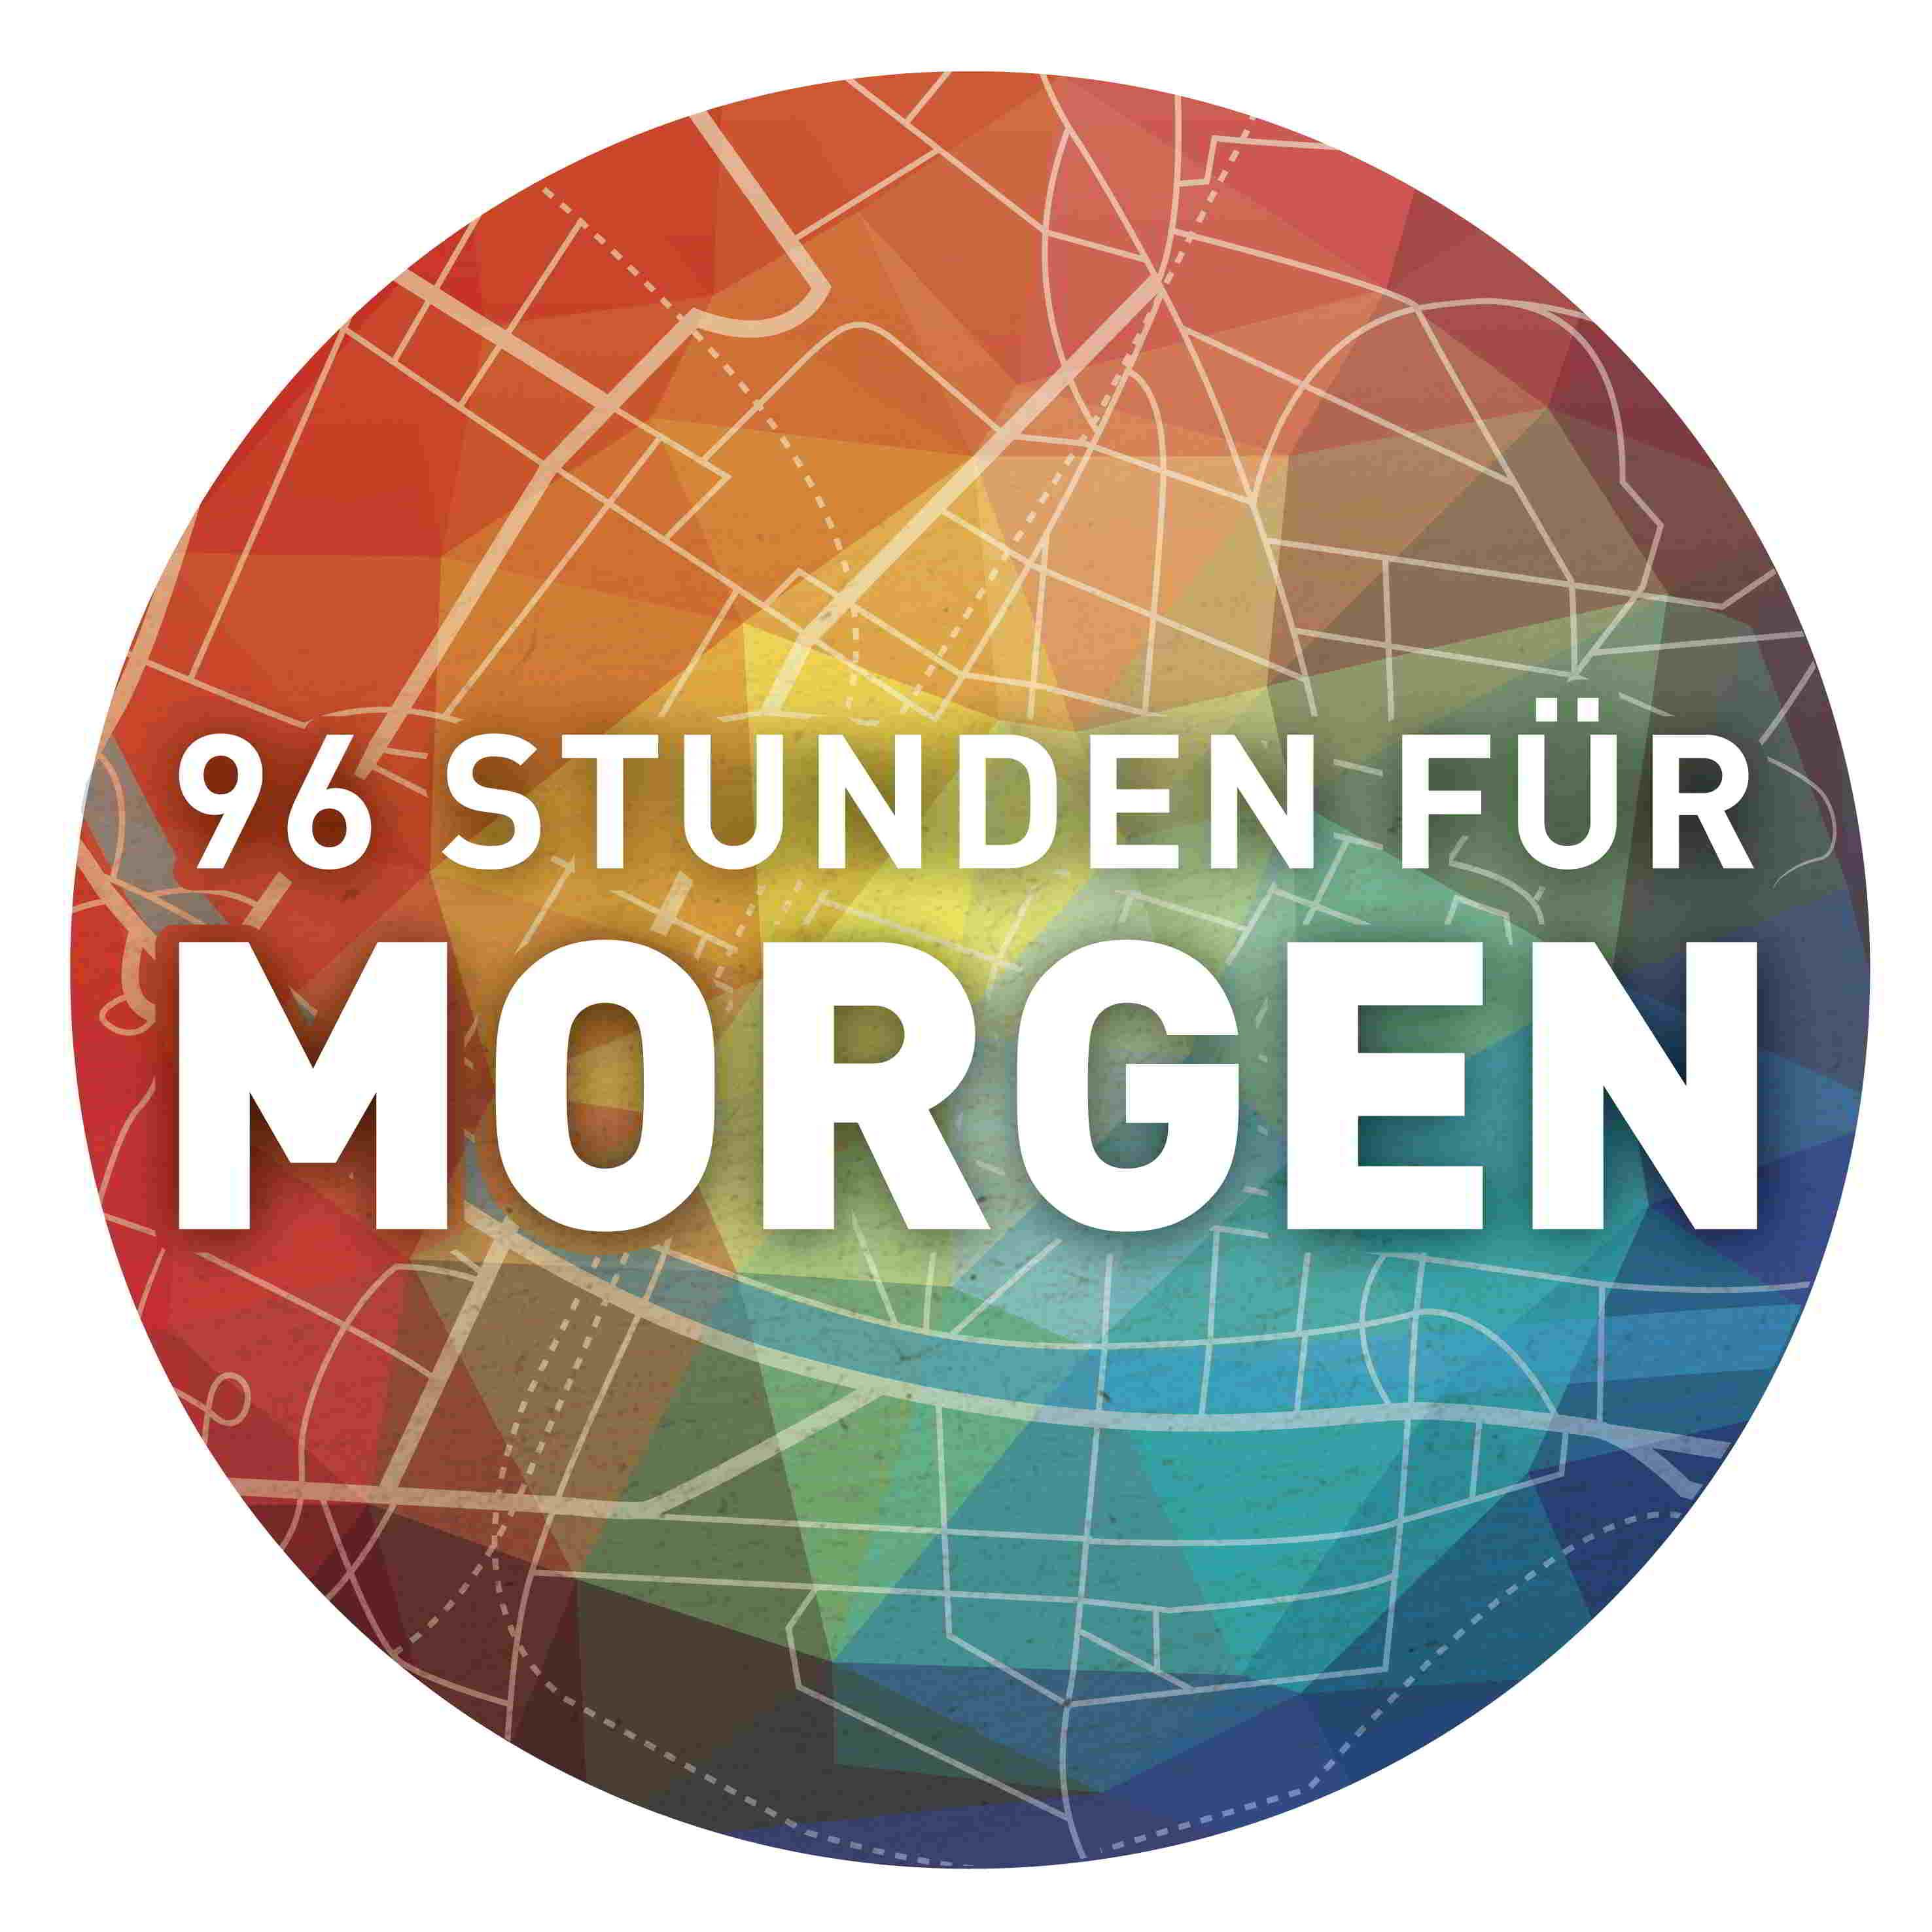 96 Stunden für Morgen, Freiburger Aktionstage Nachhaltigkeit 2017